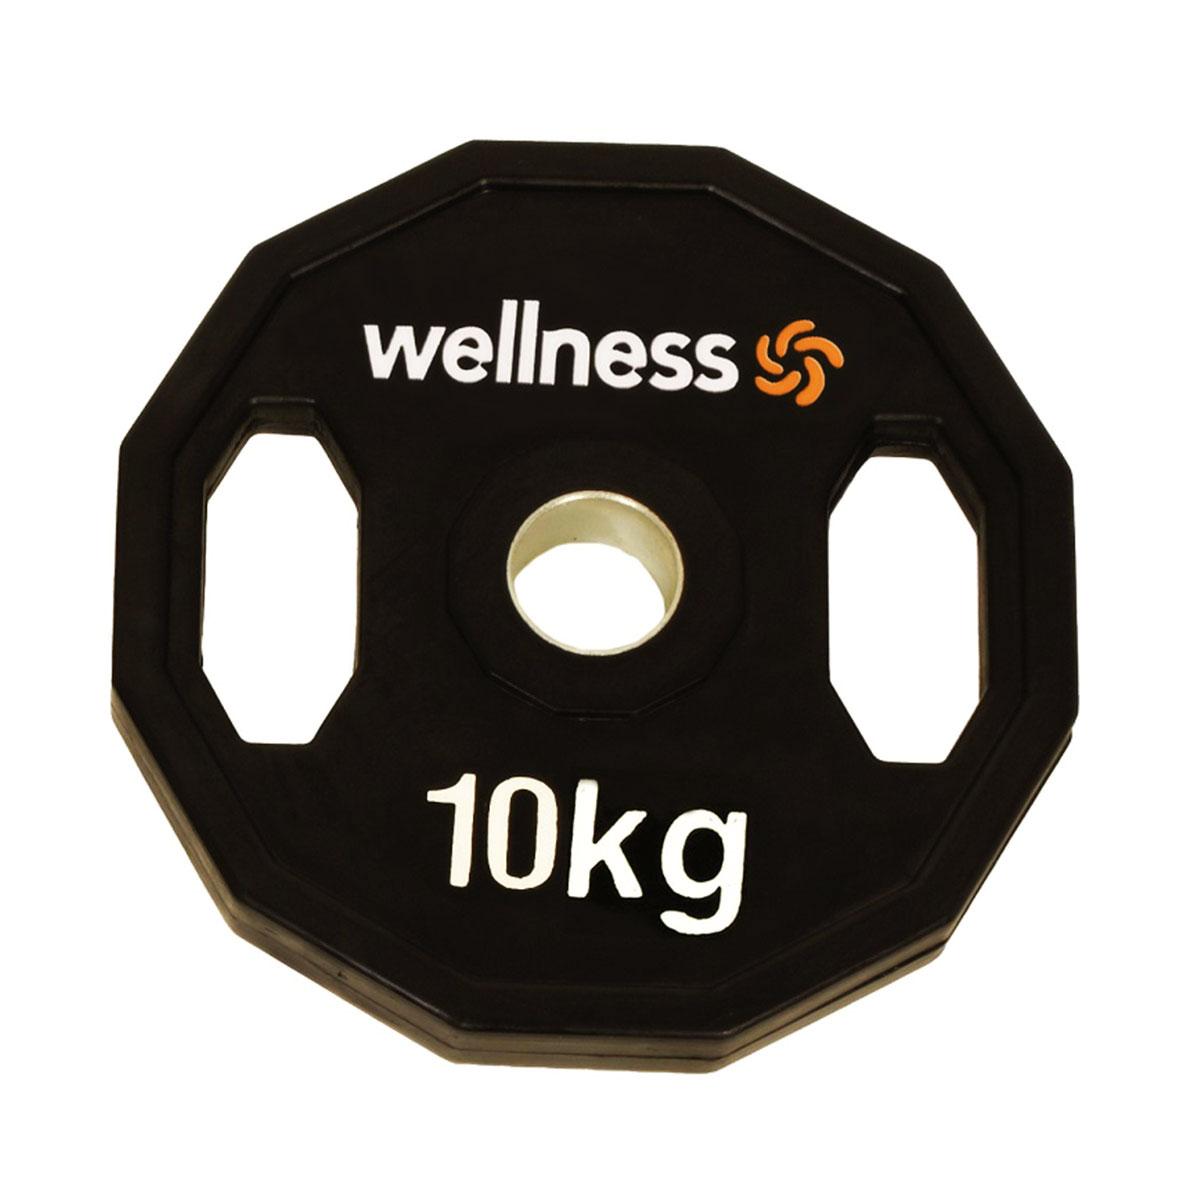 Anilha Emborrachada Furação Standard 12 Faces com Pegada 10kg Wellness